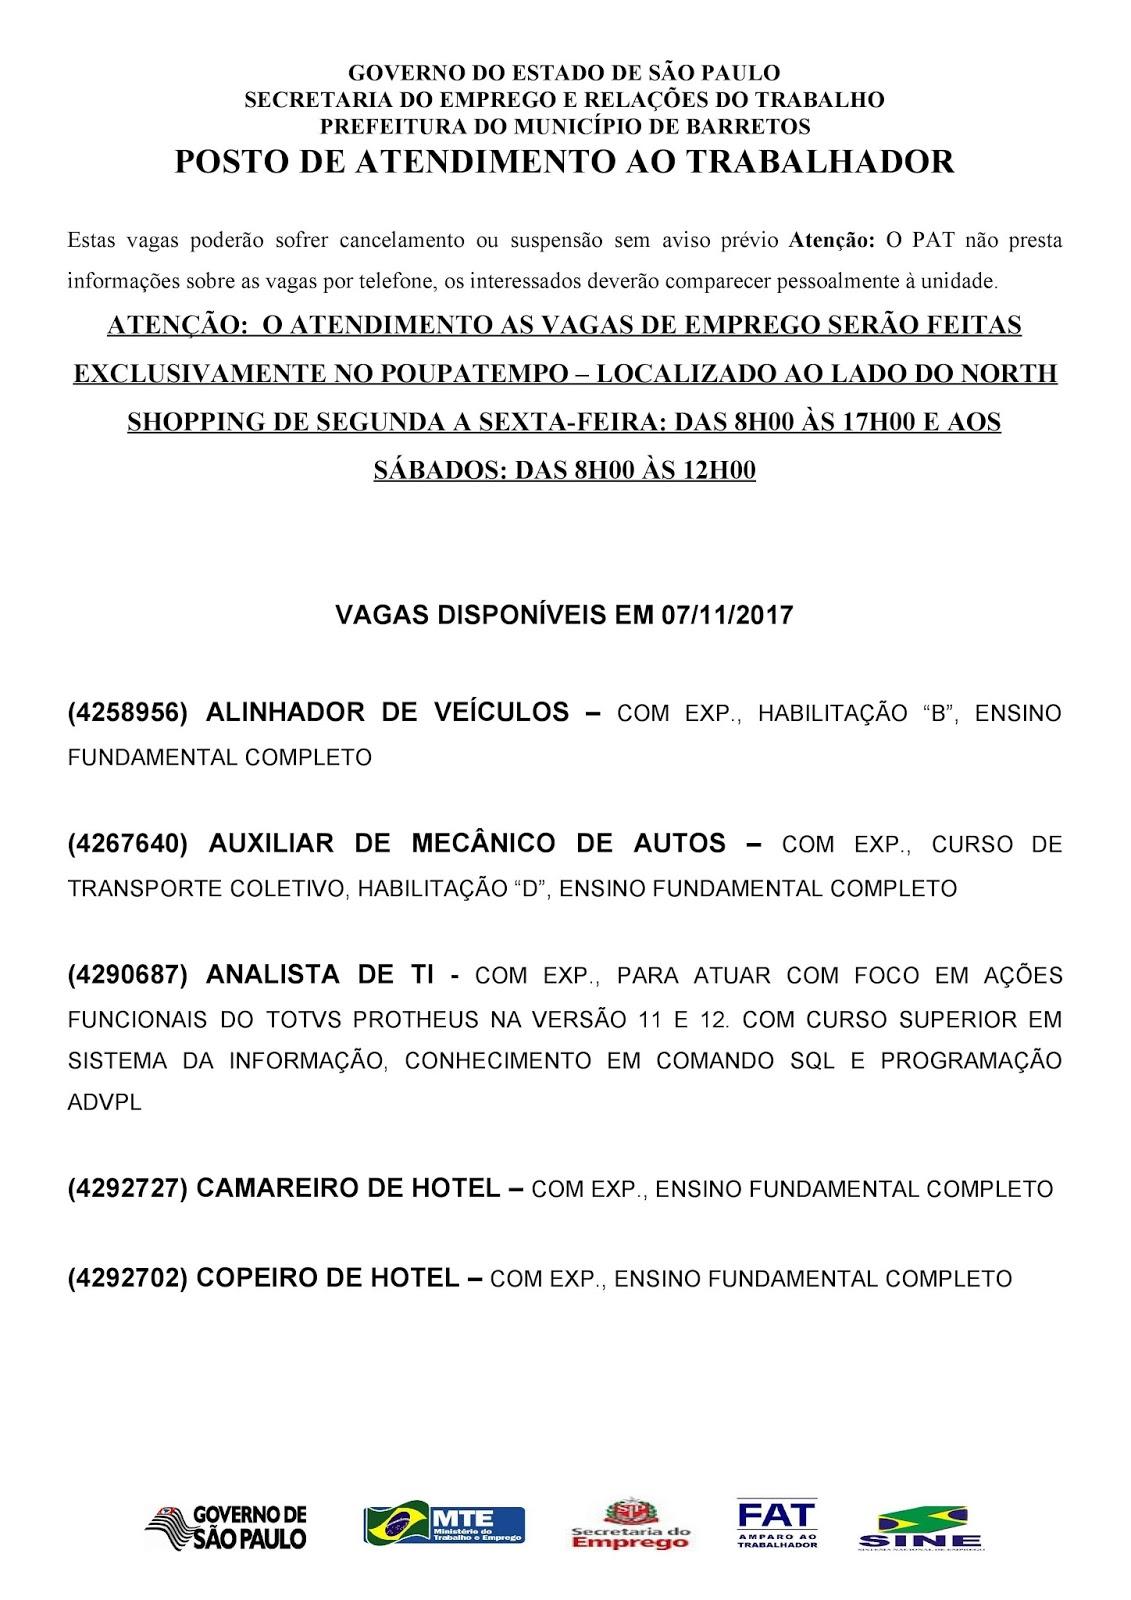 VAGAS DE EMPREGO DO PAT BARRETOS-SP PARA 07/11/2017 TERÇA-FEIRA - PAG.1